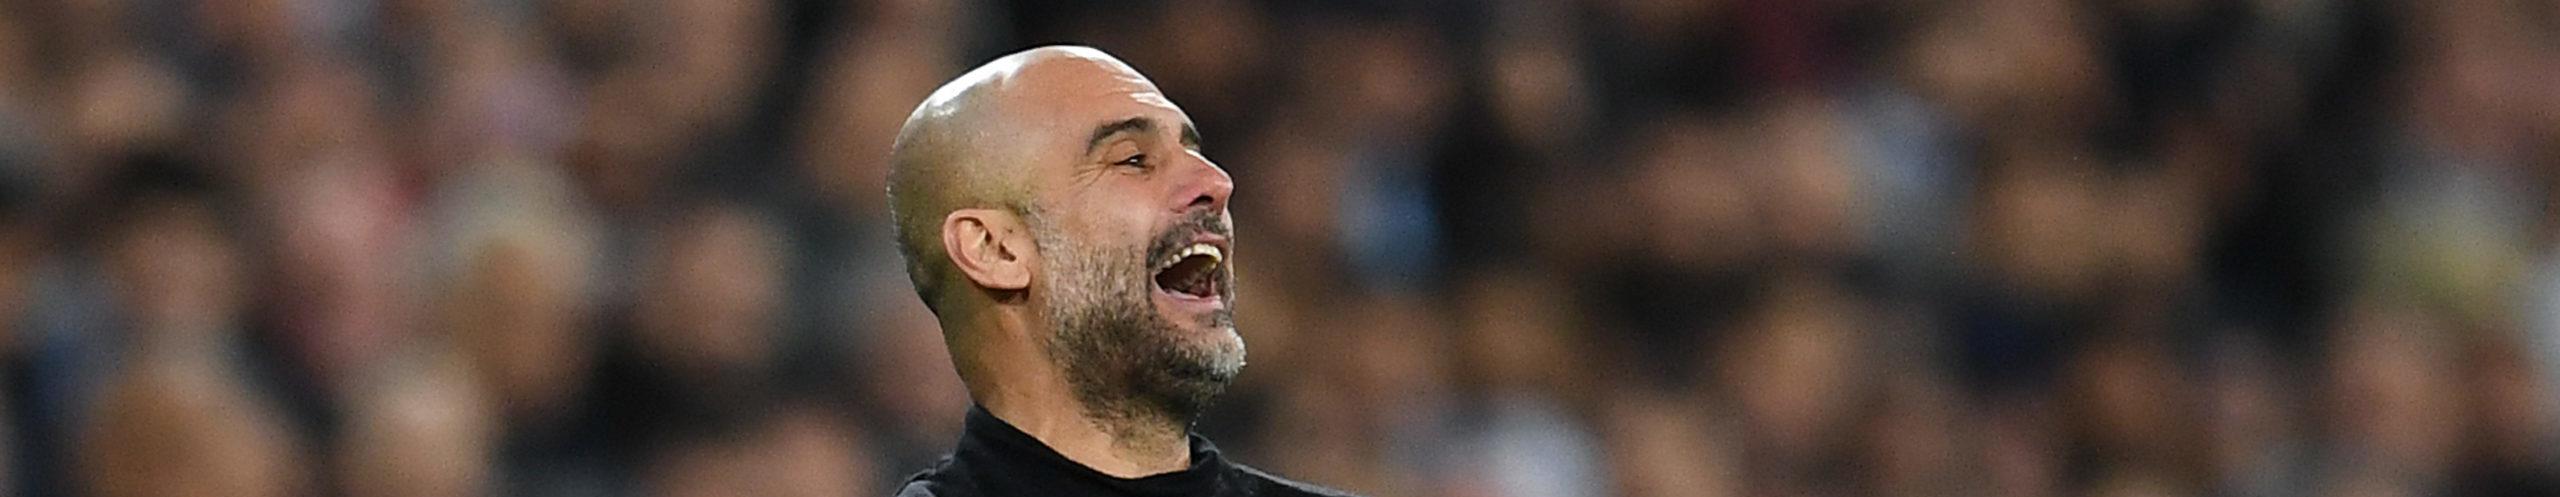 Aston Villa-Manchester City, nella finale di Coppa di Lega arriva un Guardiola affamato di trofei